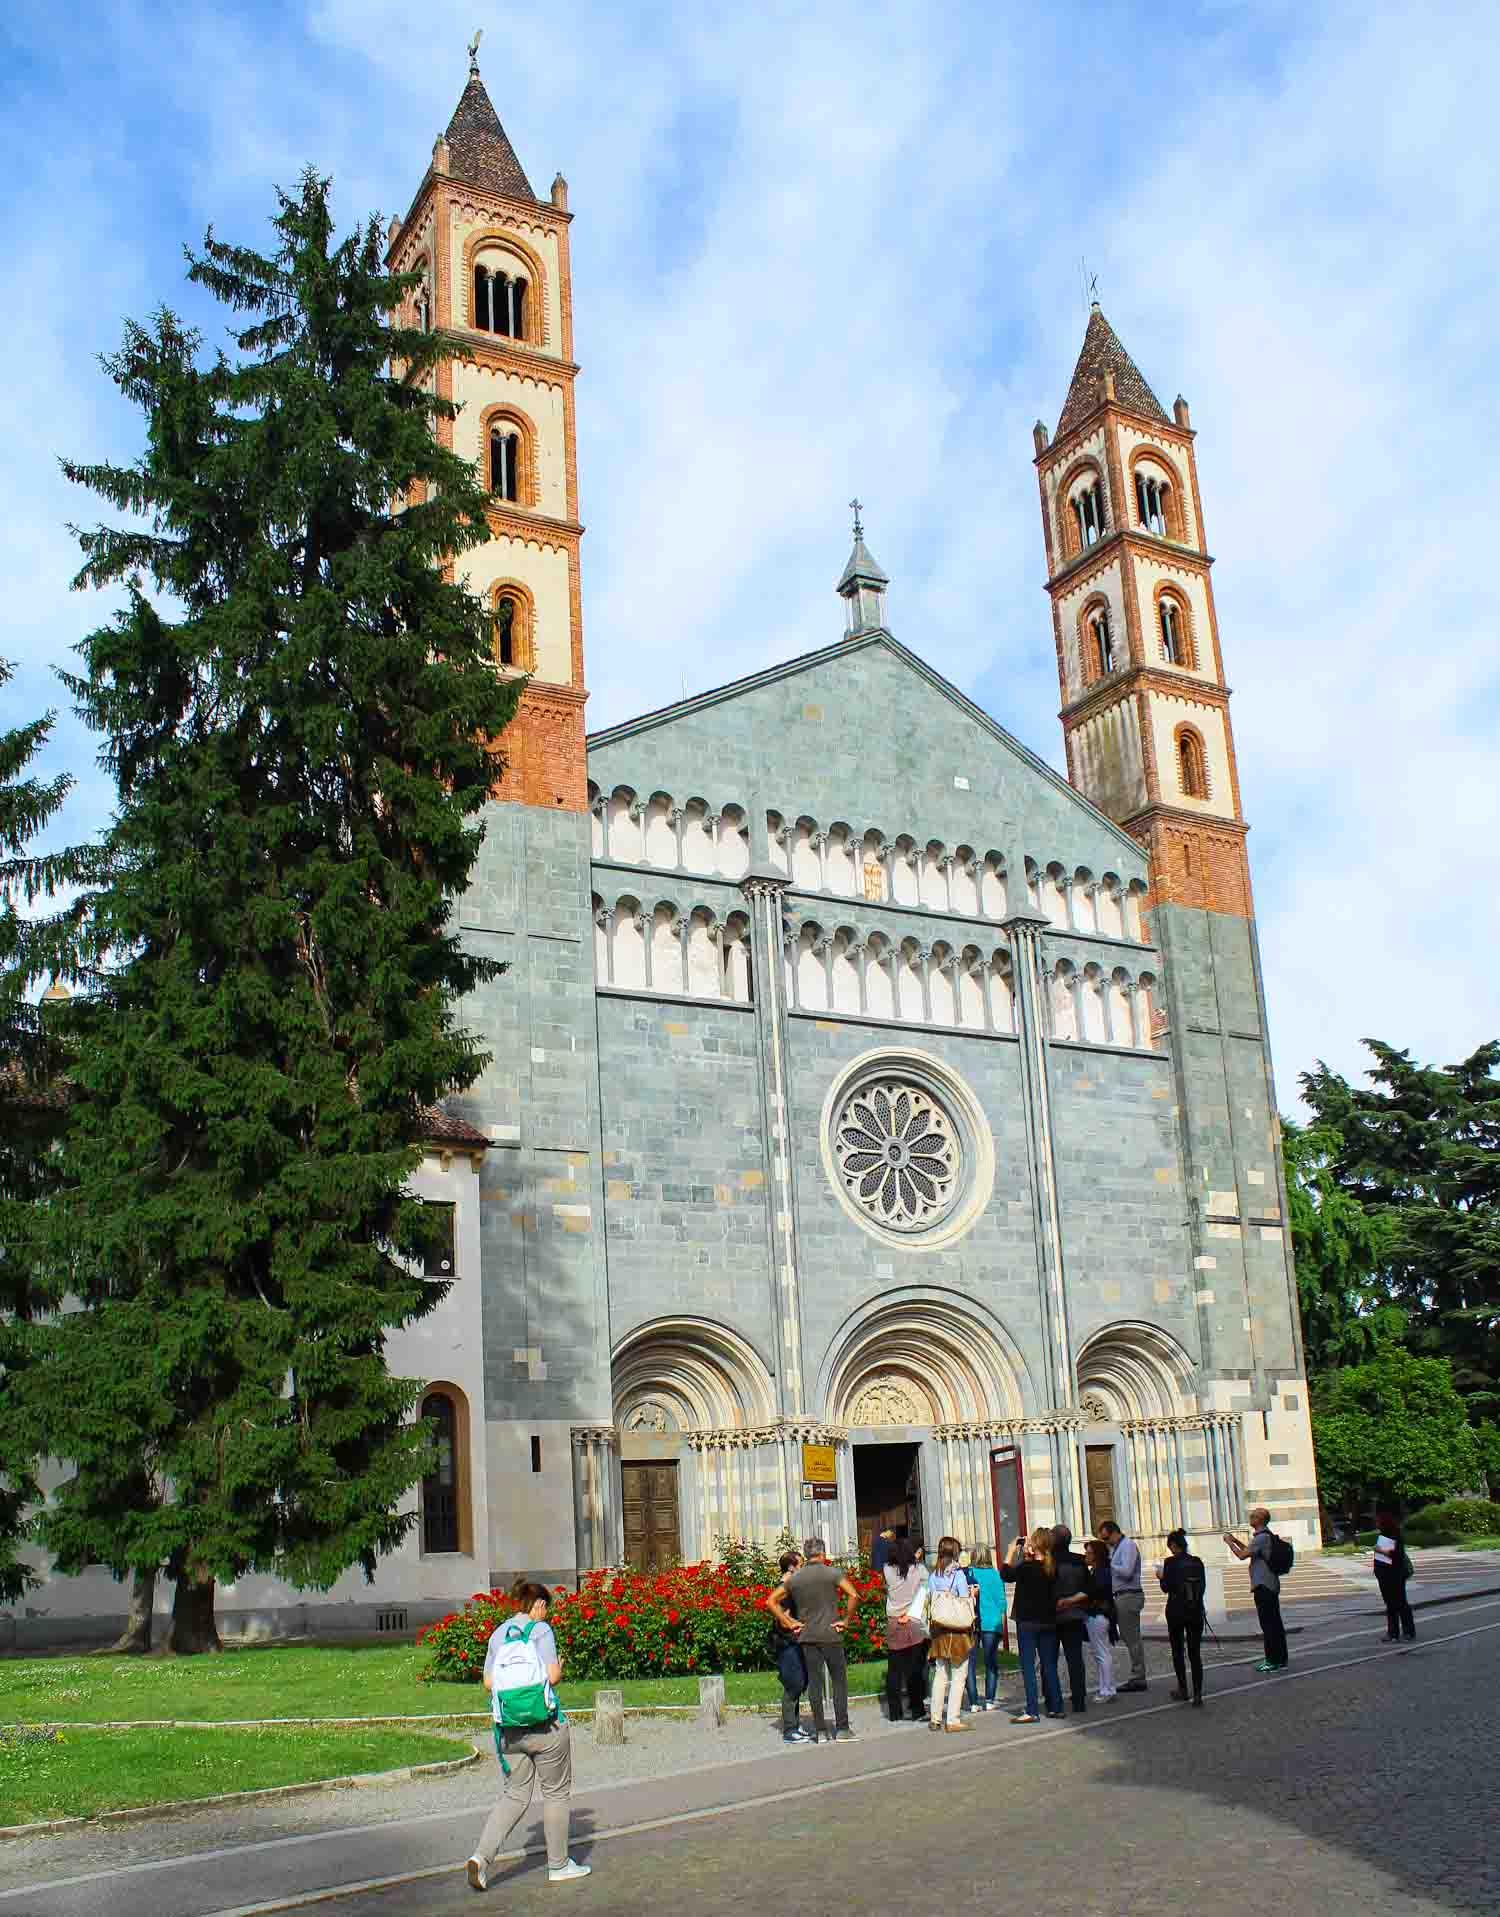 Basilica di Sant'Andrea Vercelli